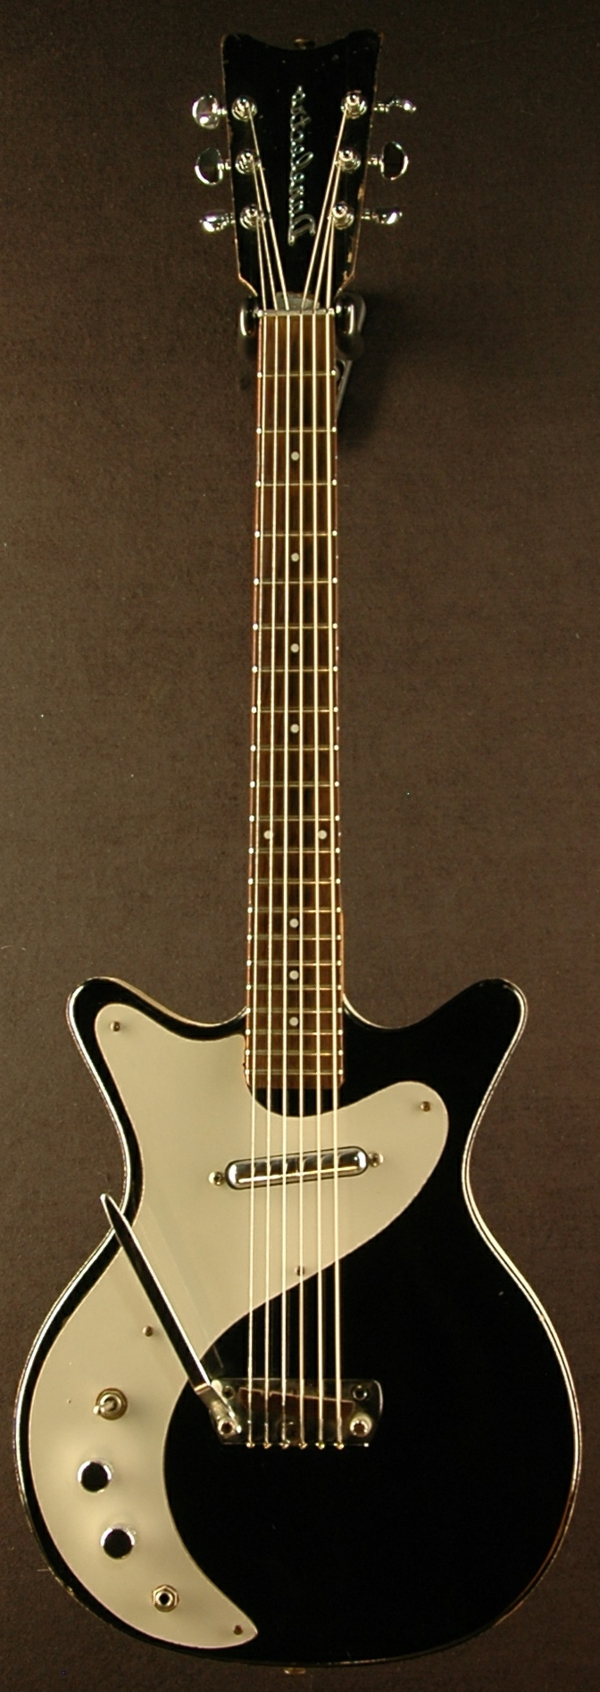 vintage-guitars-weiß-schwarze-gestaltung